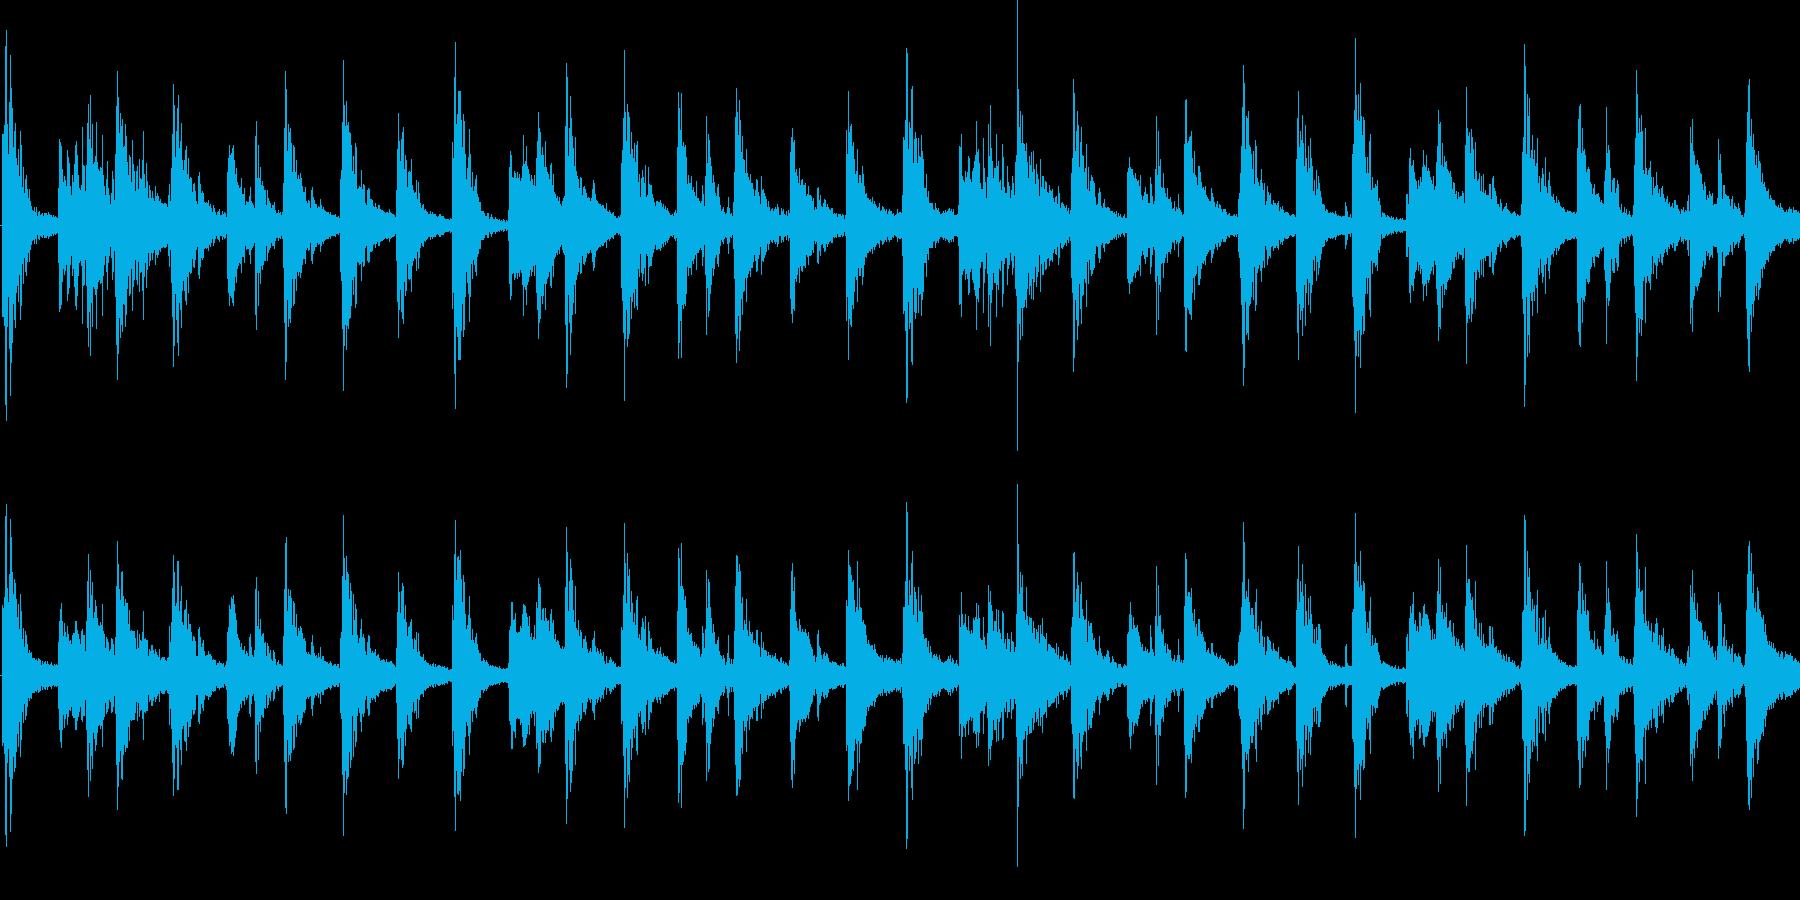 エスニック風のシンセジングル_ループの再生済みの波形